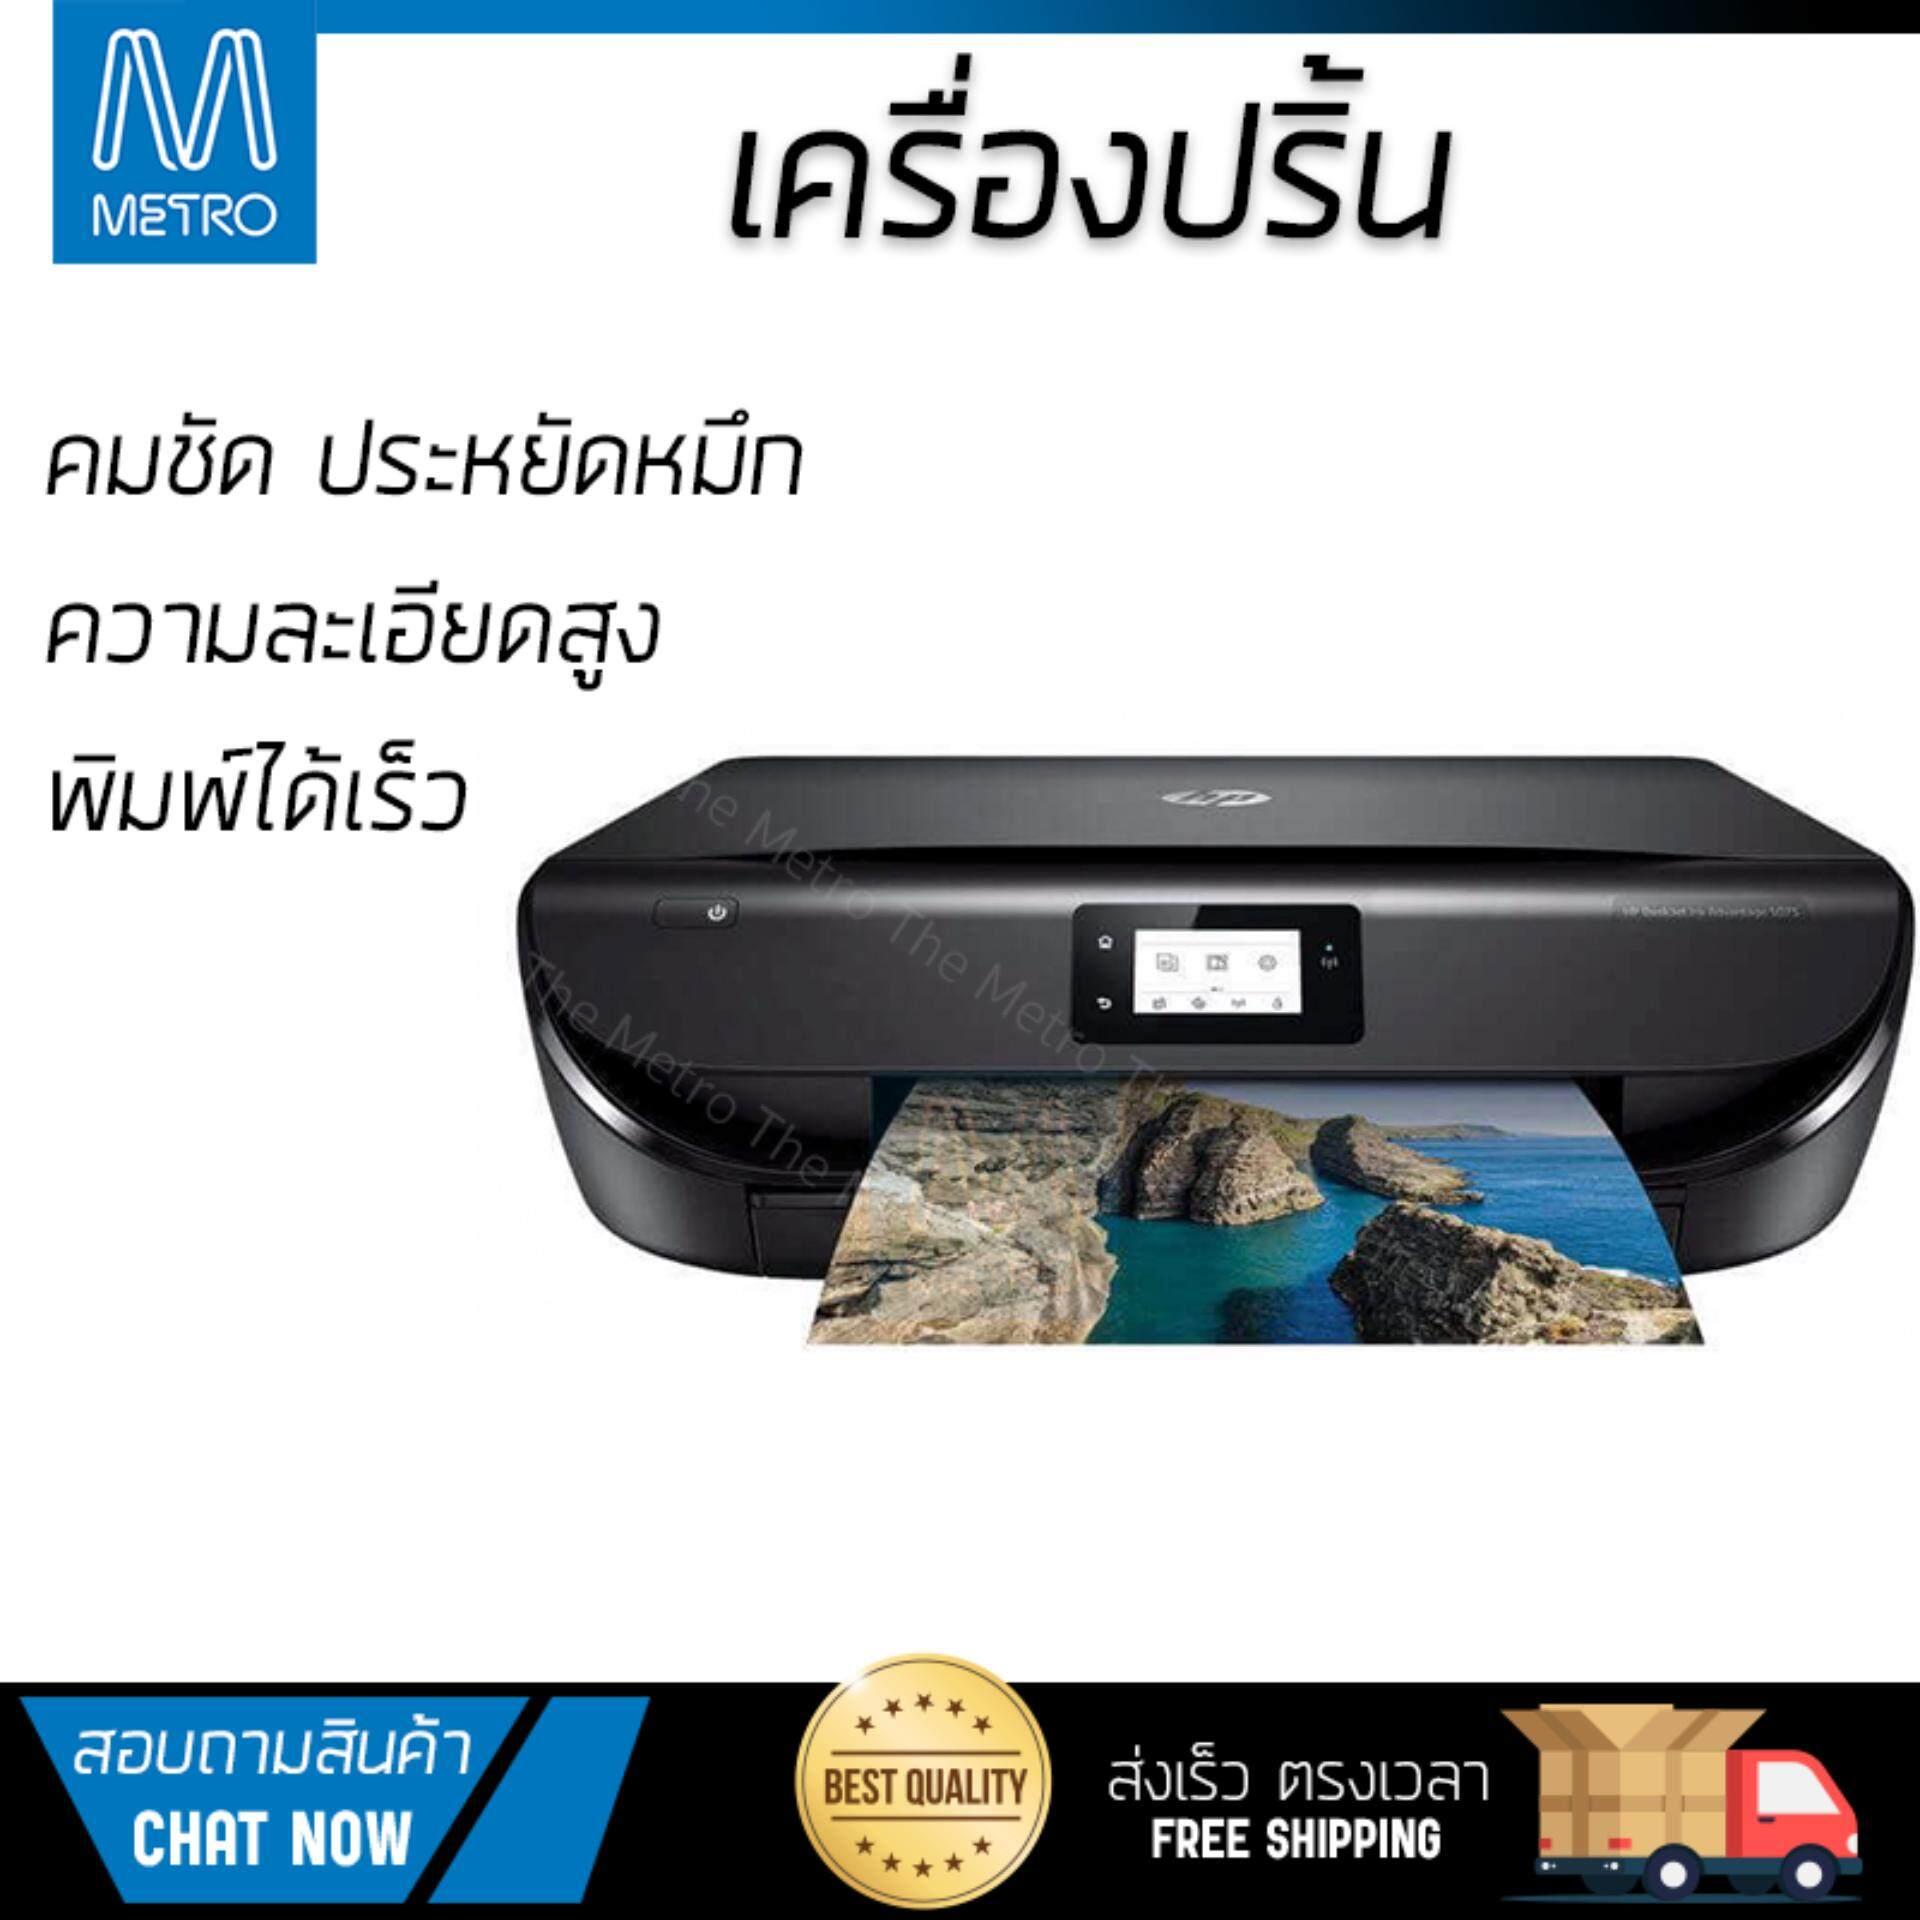 ลดสุดๆ โปรโมชัน เครื่องพิมพ์           HP เครื่องพิมพ์อิงค์เจ็ท 3 IN 1 (สีดำ) รุ่น Deskjet IA 5075             ความละเอียดสูง คมชัด ประหยัดหมึก เครื่องปริ้น เครื่องปริ้นท์ All in one Printer รับประกัน